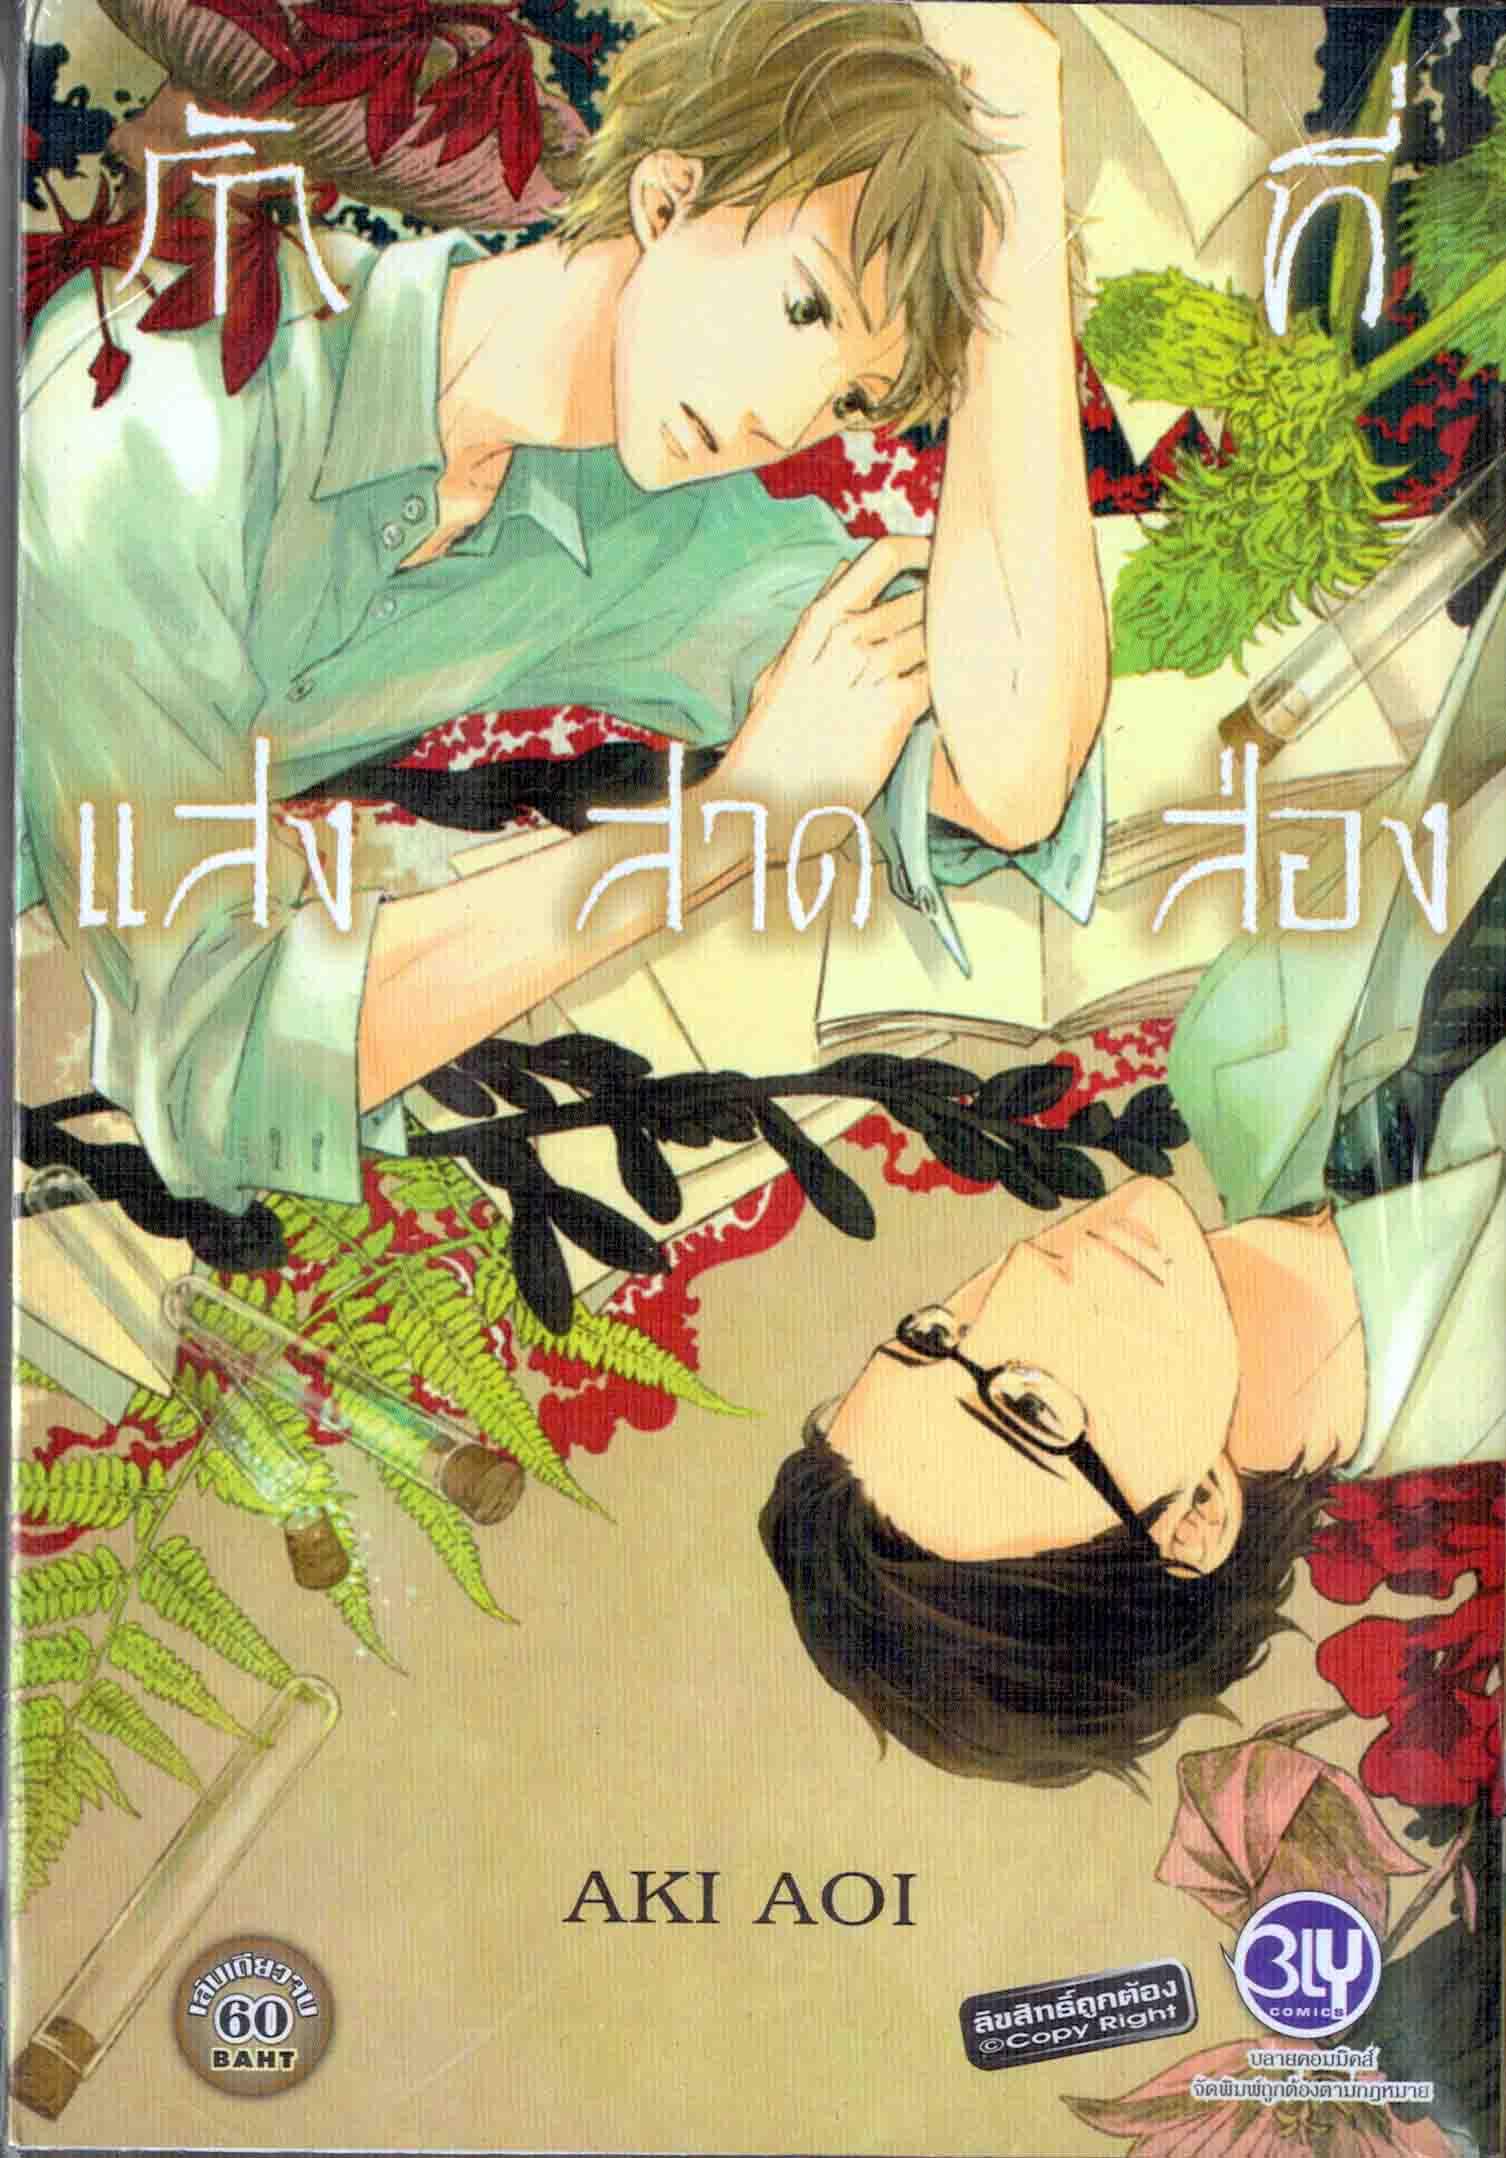 รักที่แสงสาดส่อง : Aki Aoi - ลายเส้นสวยมาก